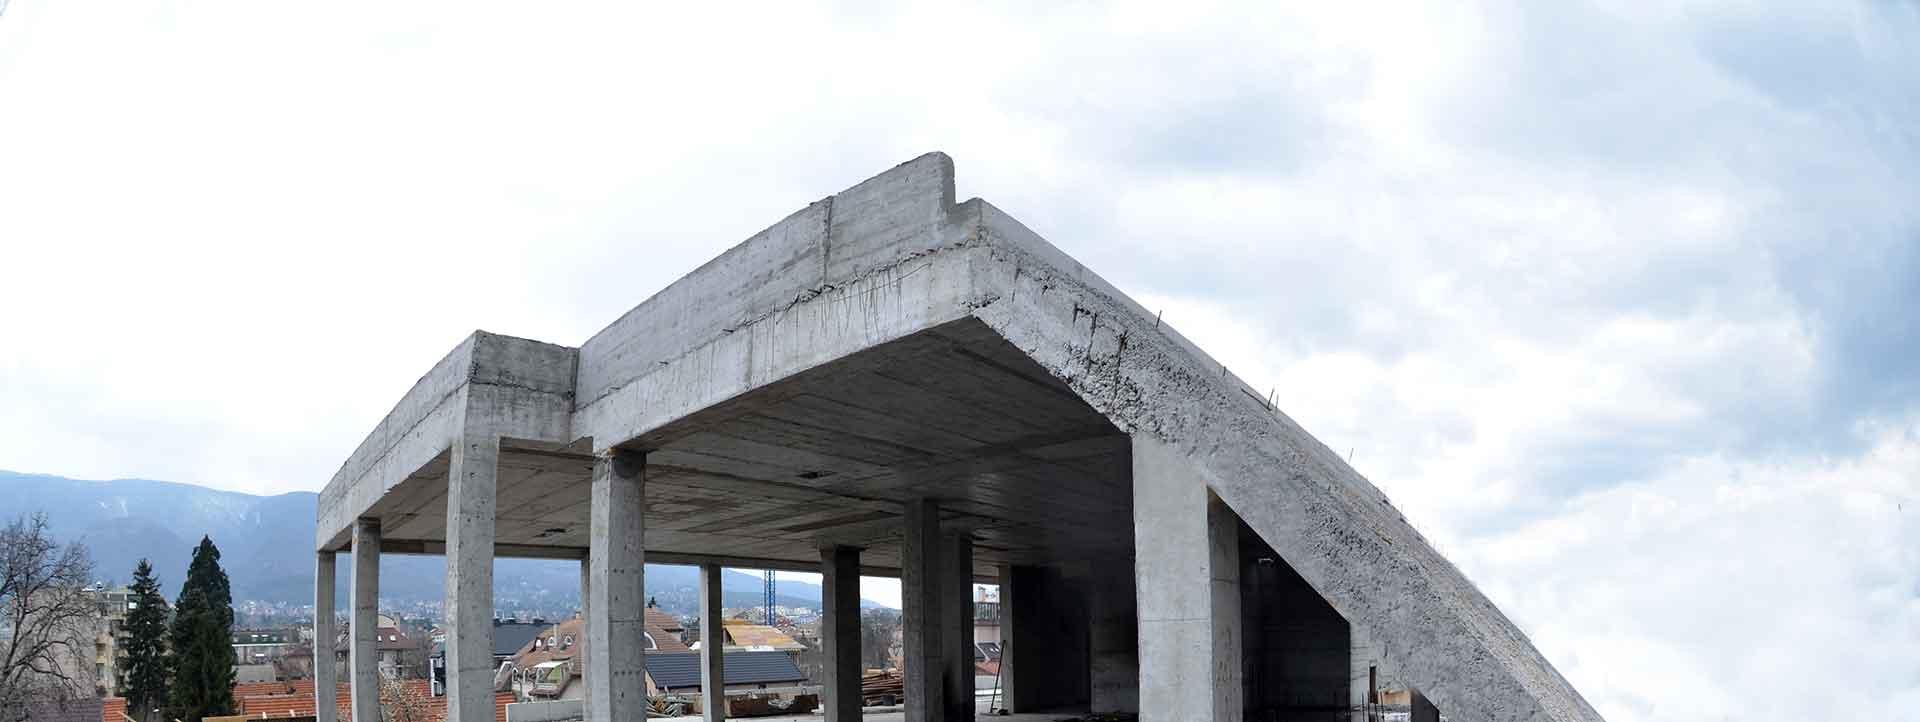 План за възстановяване и развитие на въздушното спасяване в България